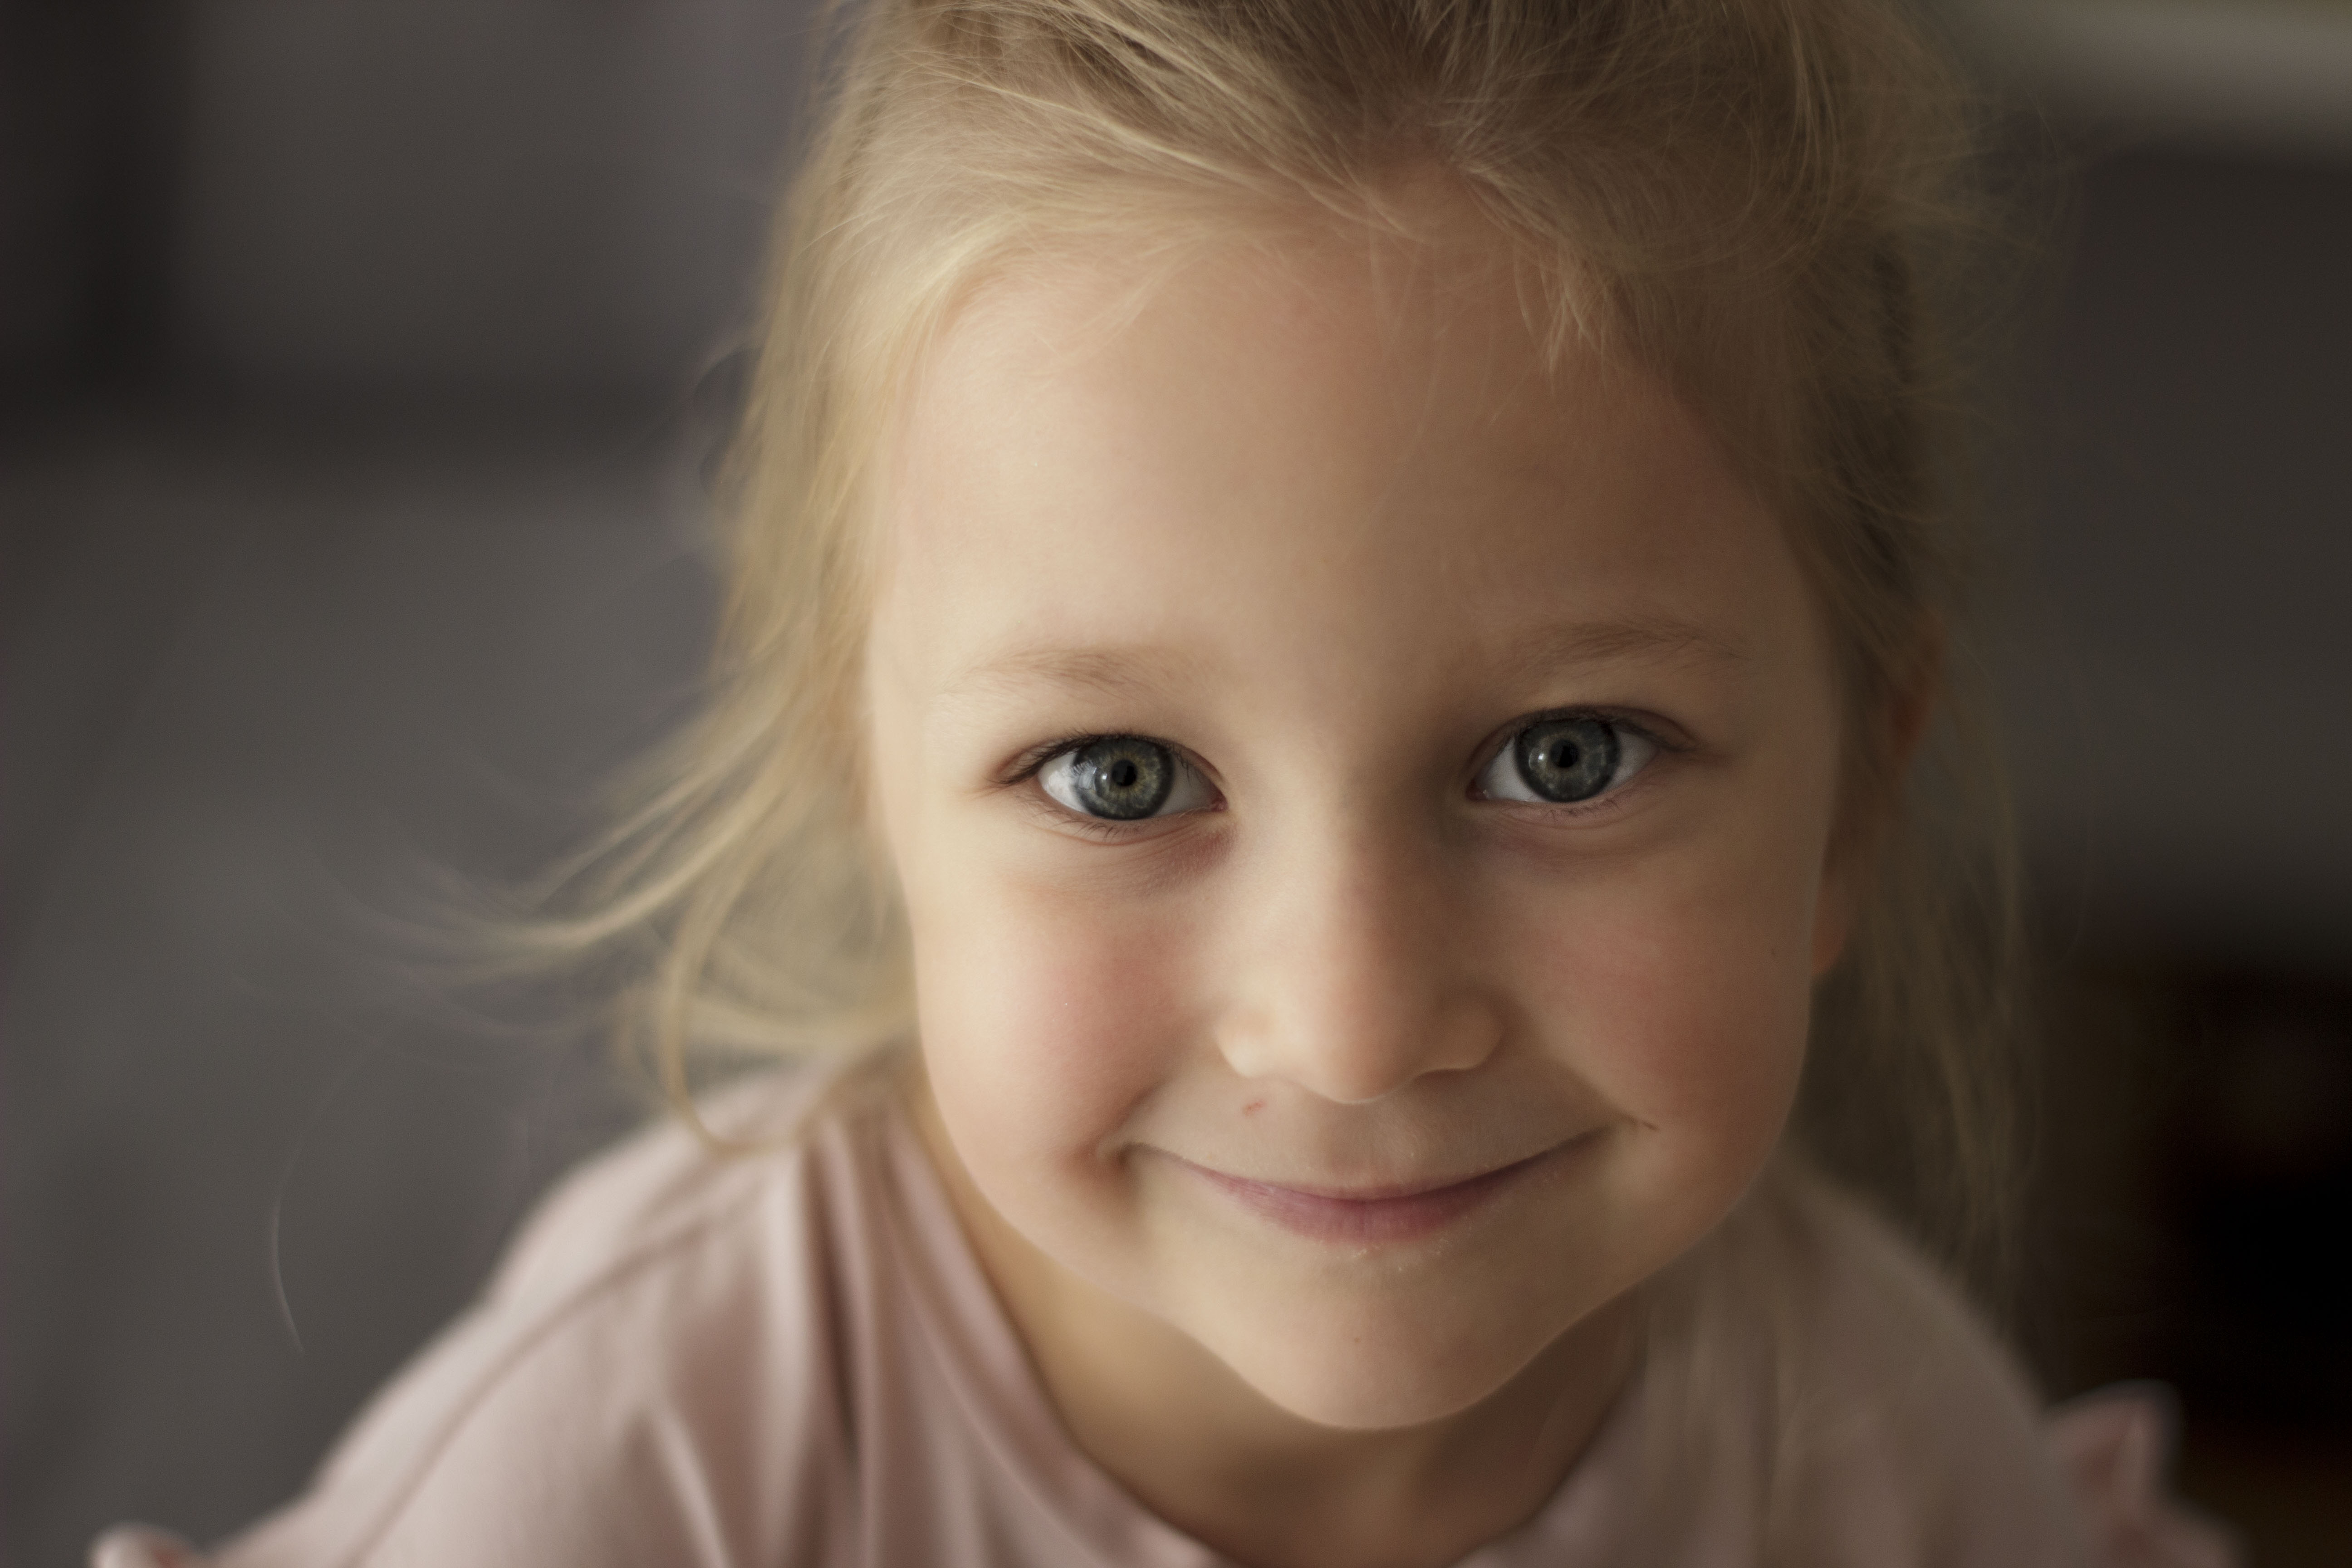 fotograf trojmiasto sesja rodzinna fotografia naturalna portret oczy